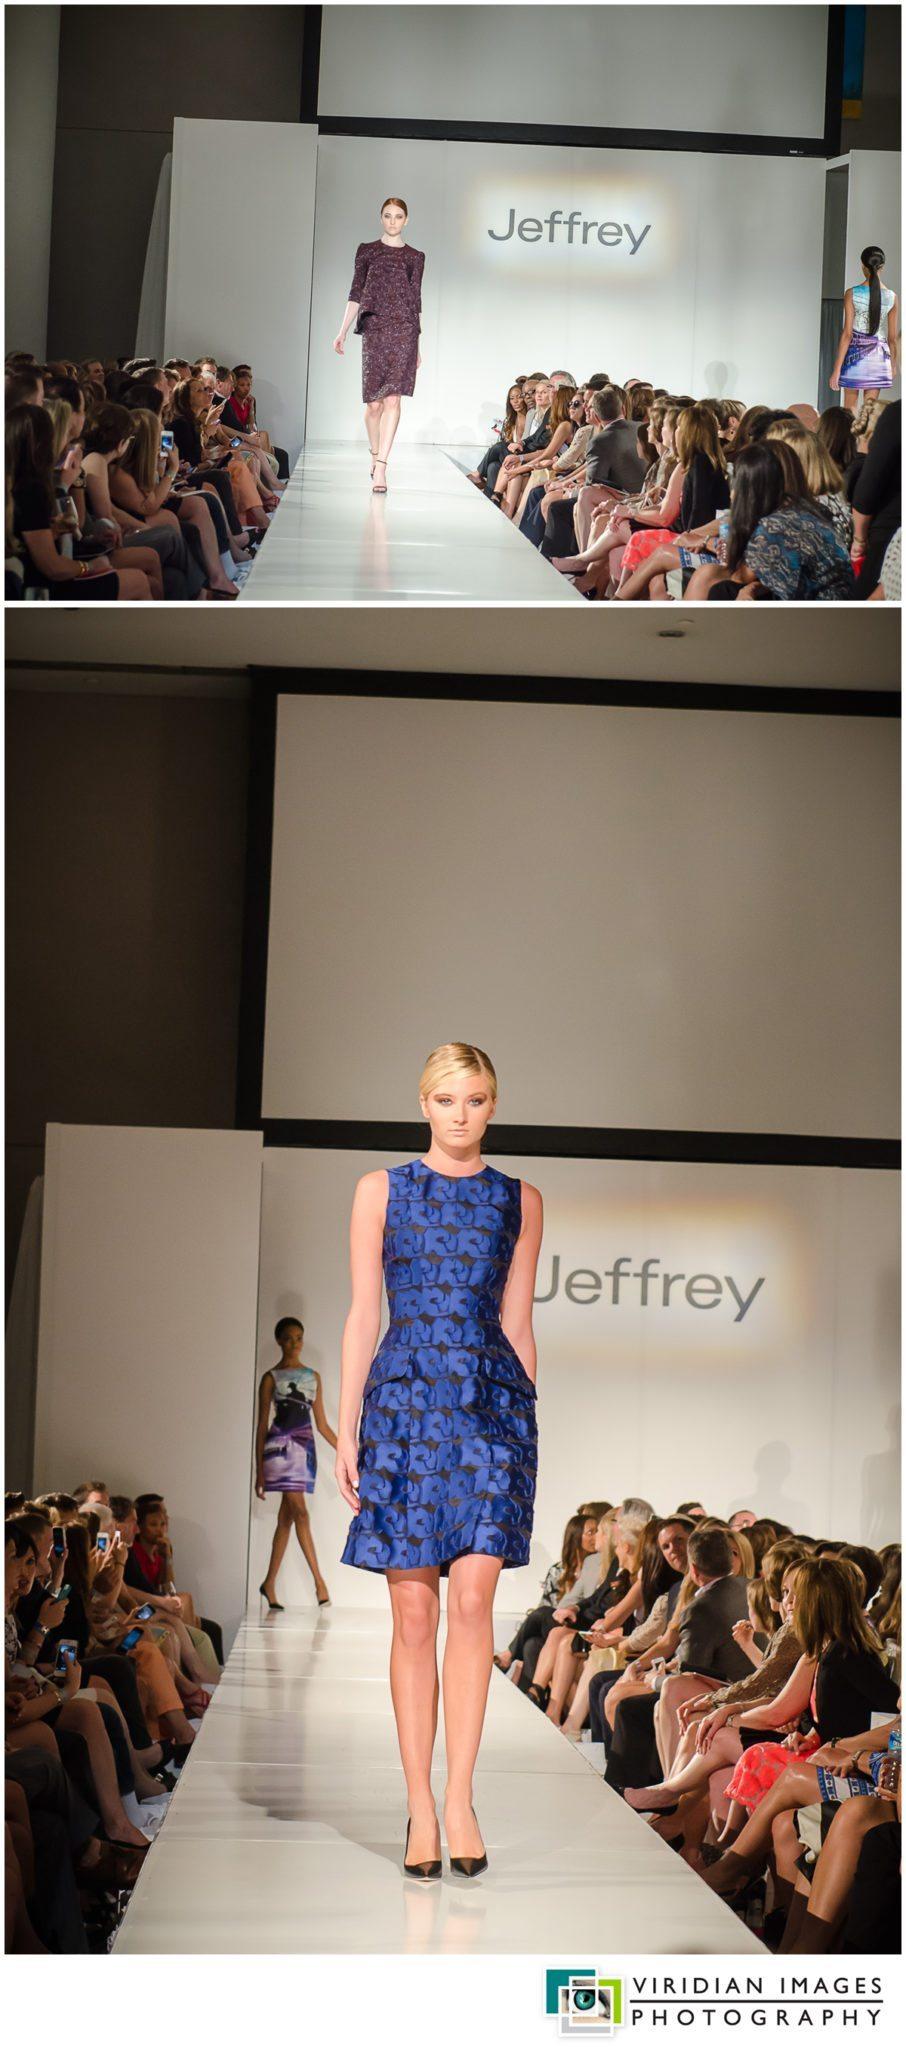 Jeffrey_Fashion_Cares_Viridian_Images_photo_7